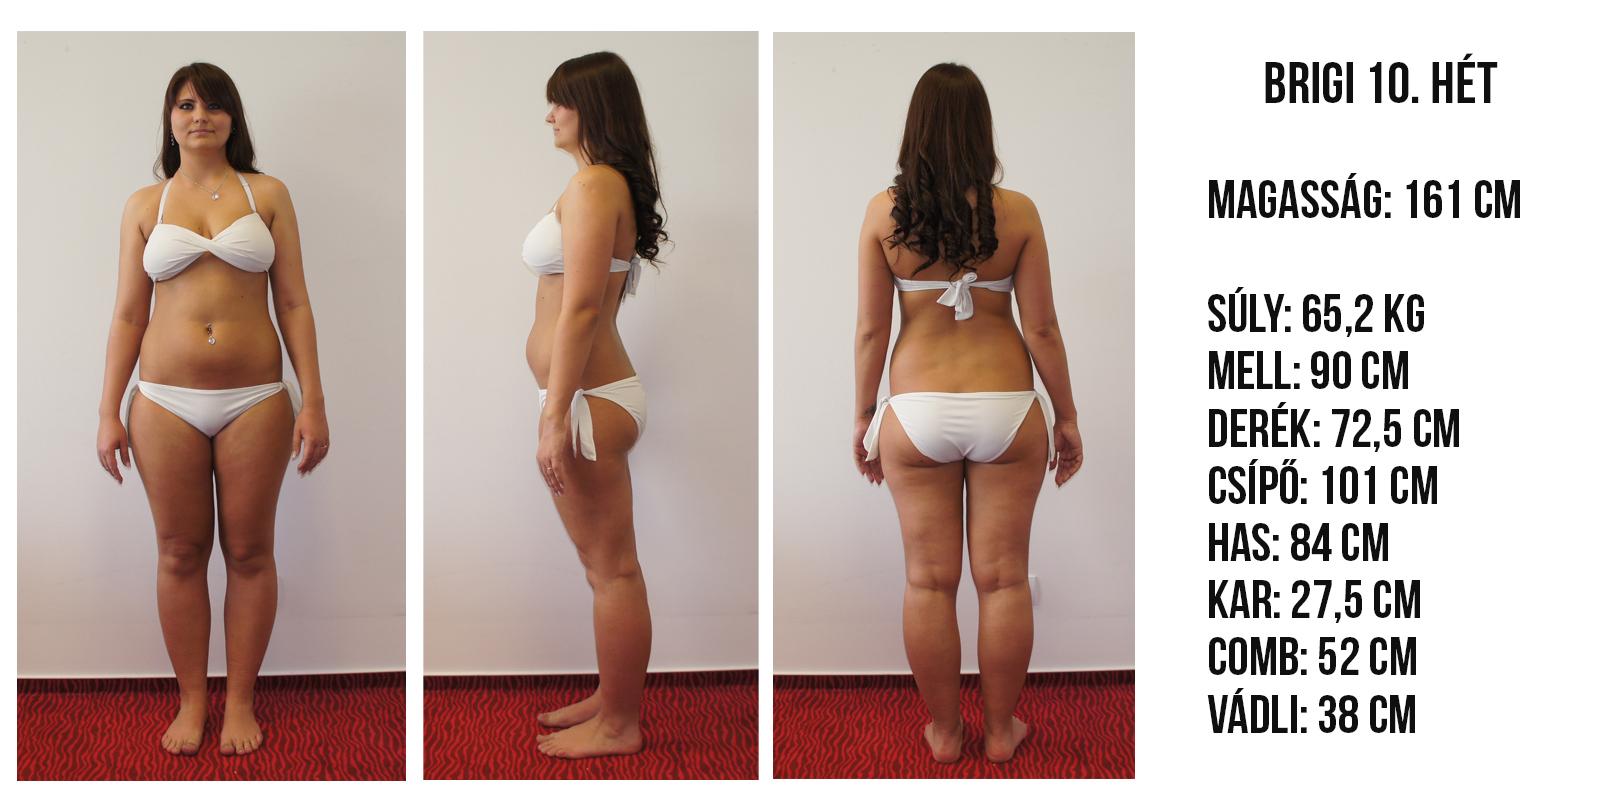 Így fogyott Ildikó 30 kilót négy hónap alatt, 30 kg súlycsökkenés 6 hónap alatt